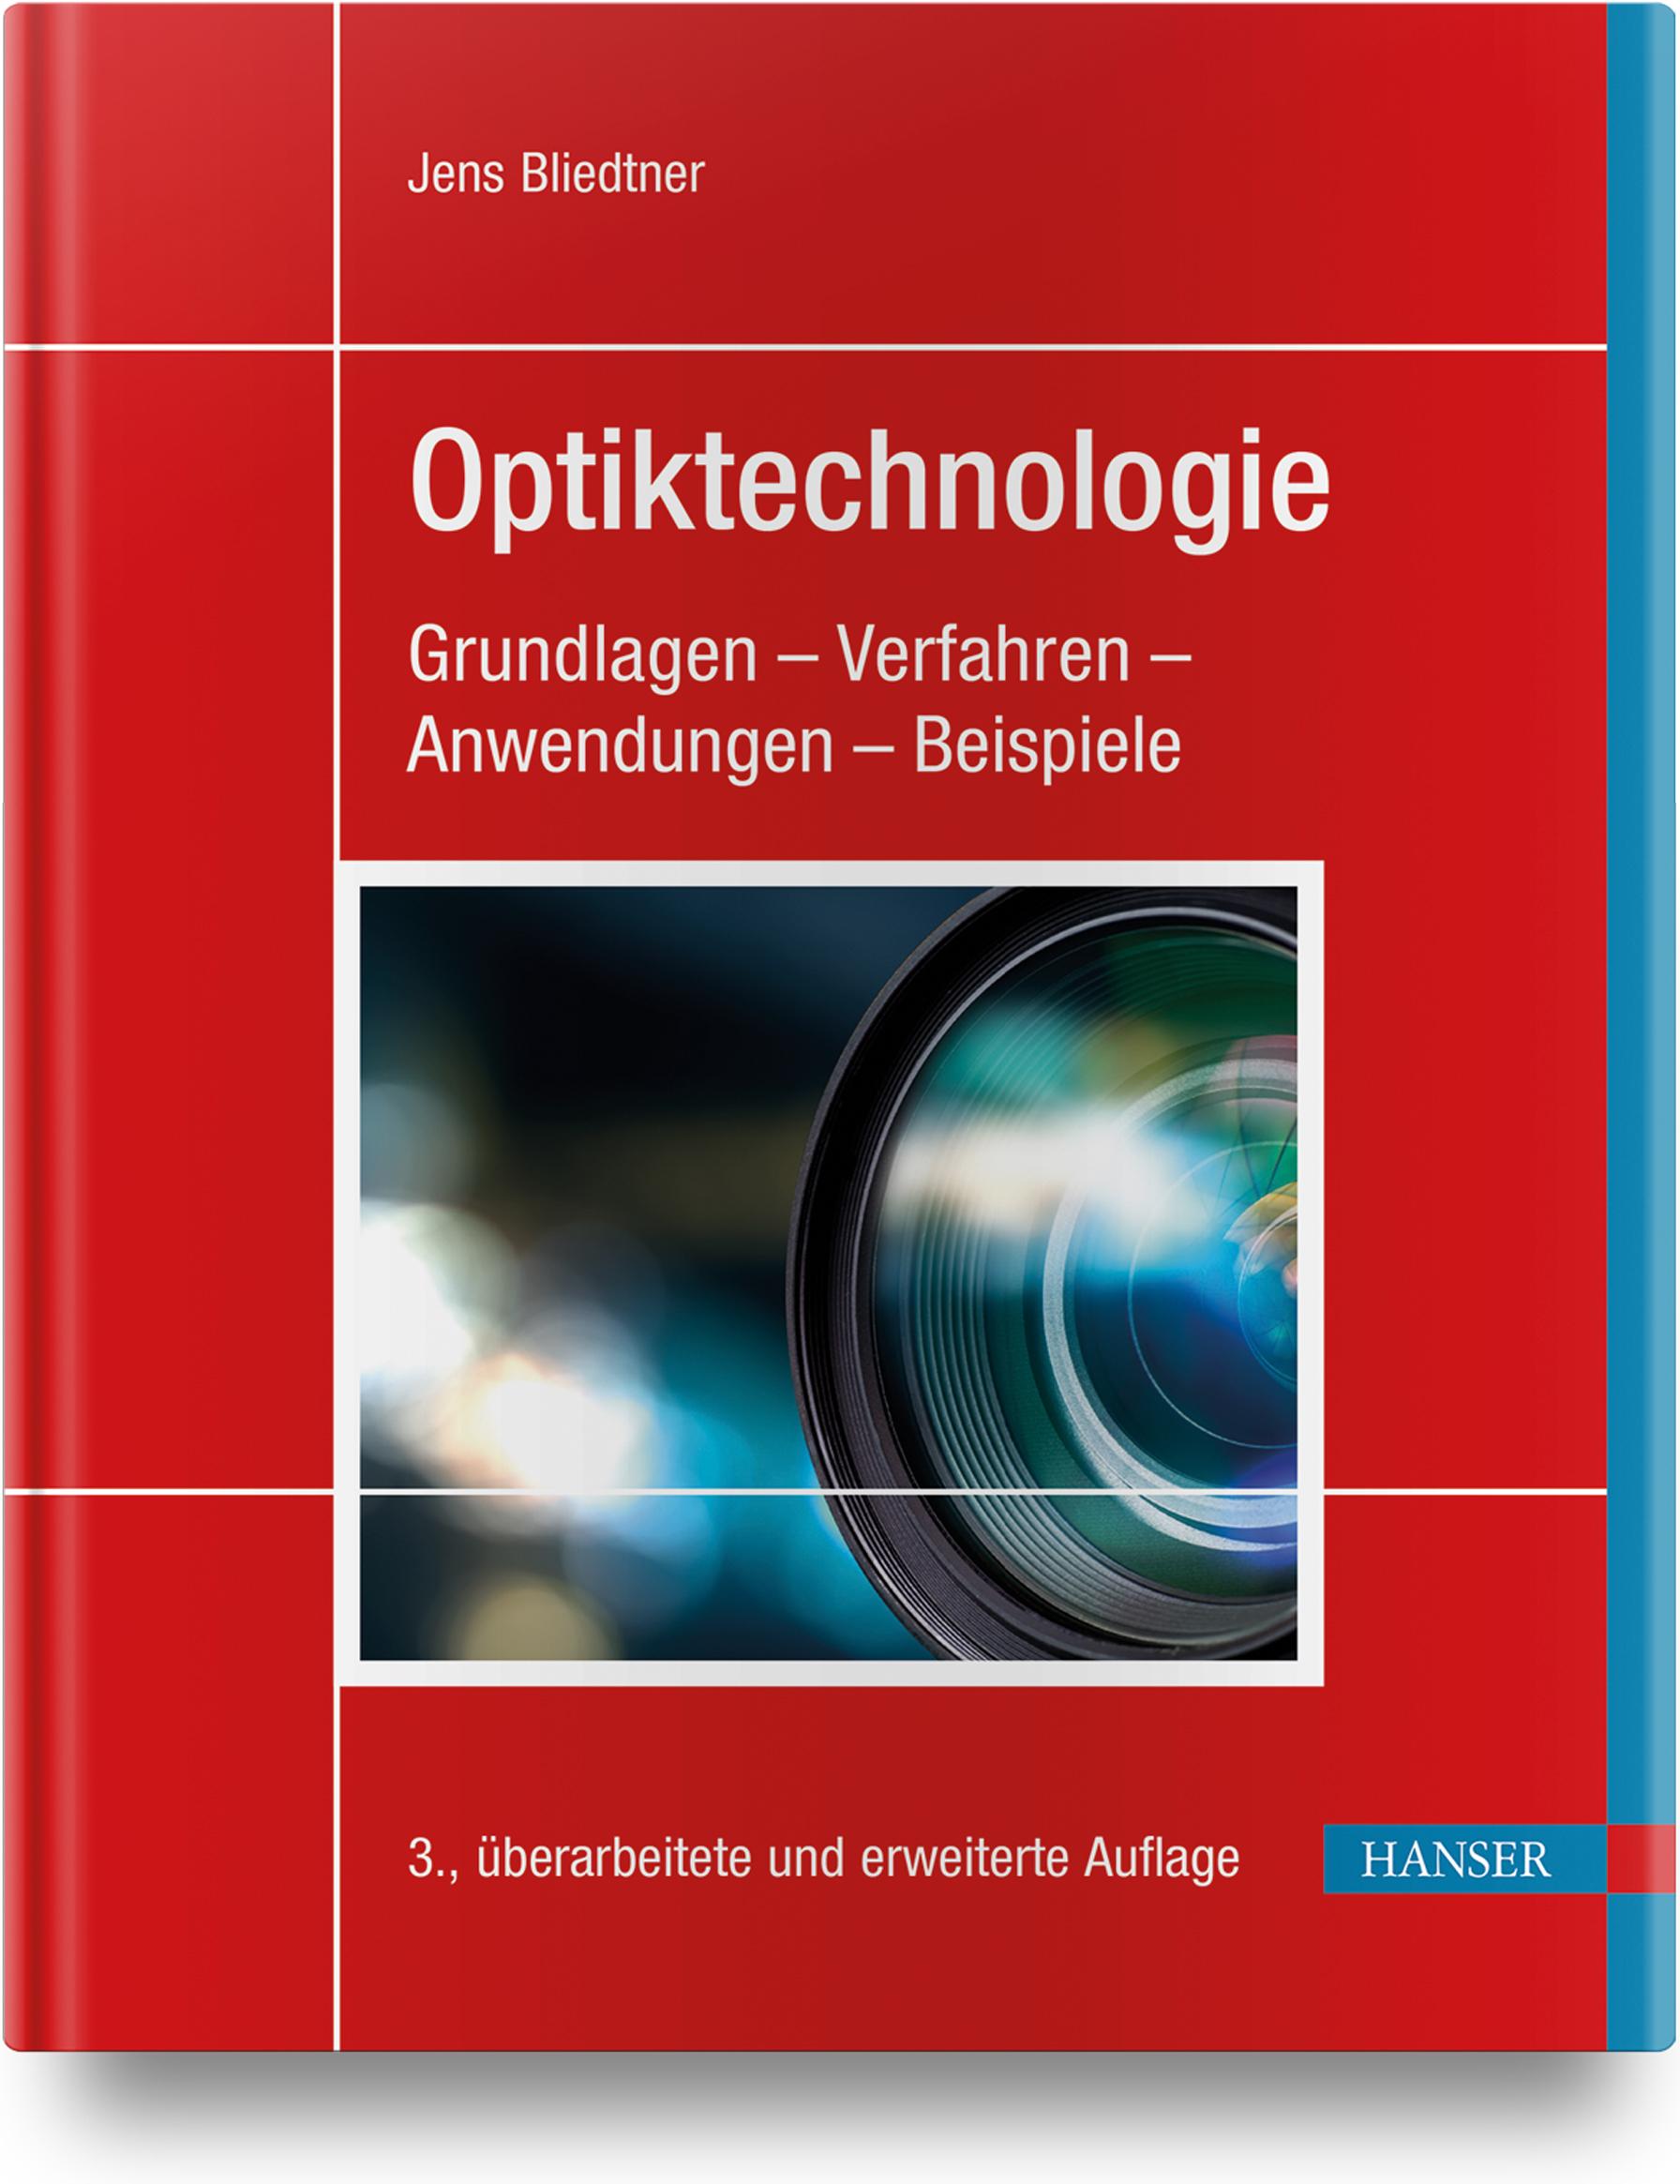 Bliedtner, Optiktechnologie, 978-3-446-45850-5